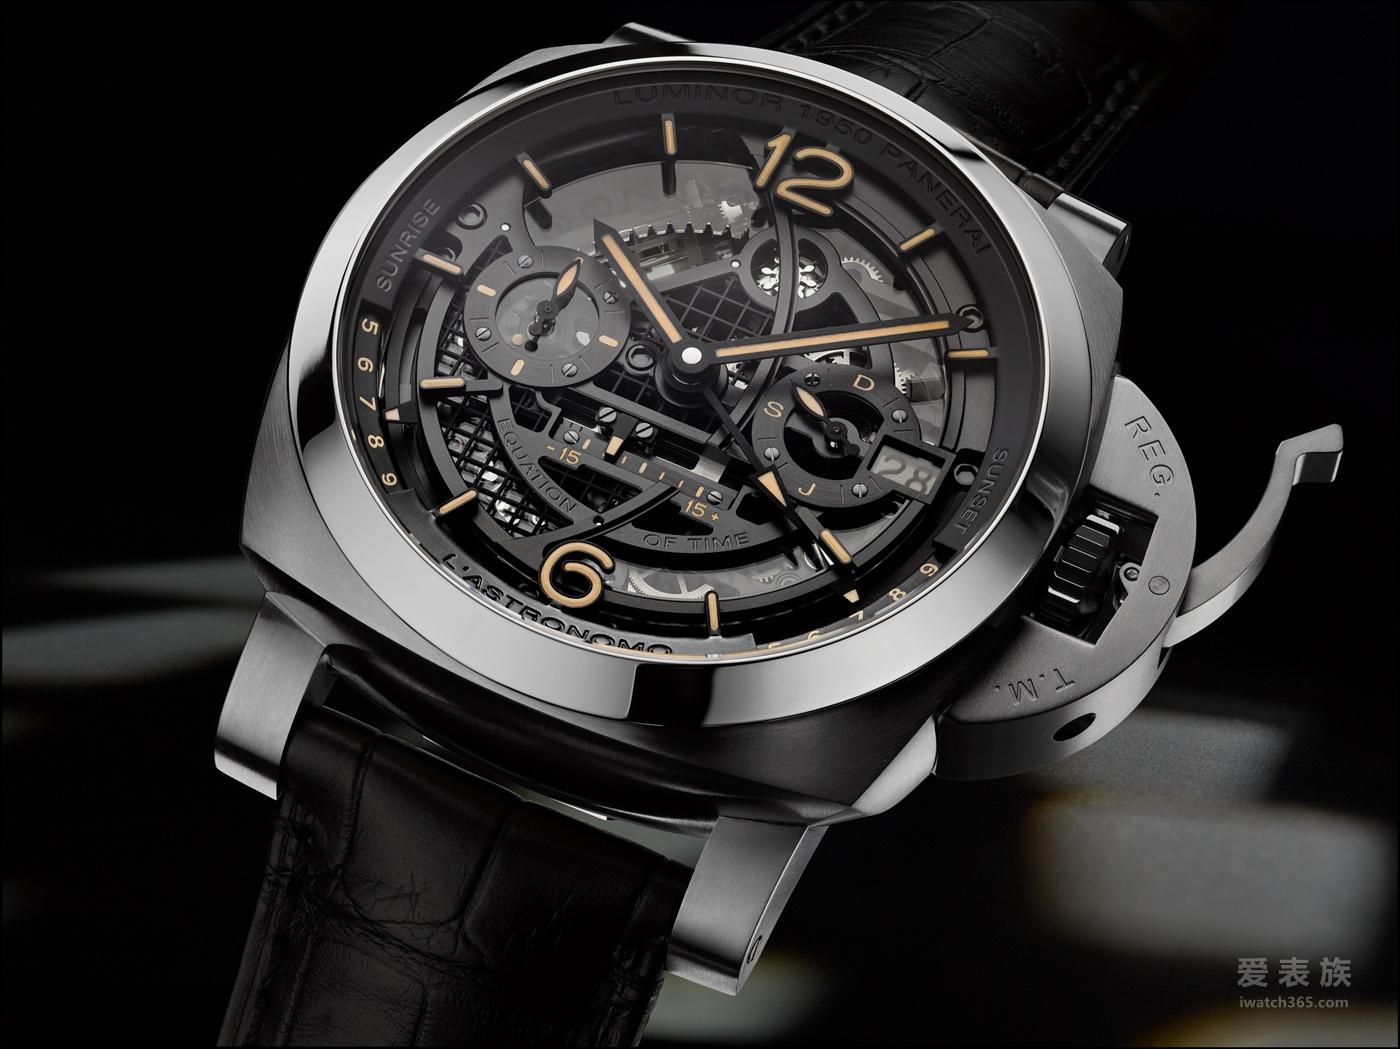 Luminor 1950 Tourbillon GMT 腕表